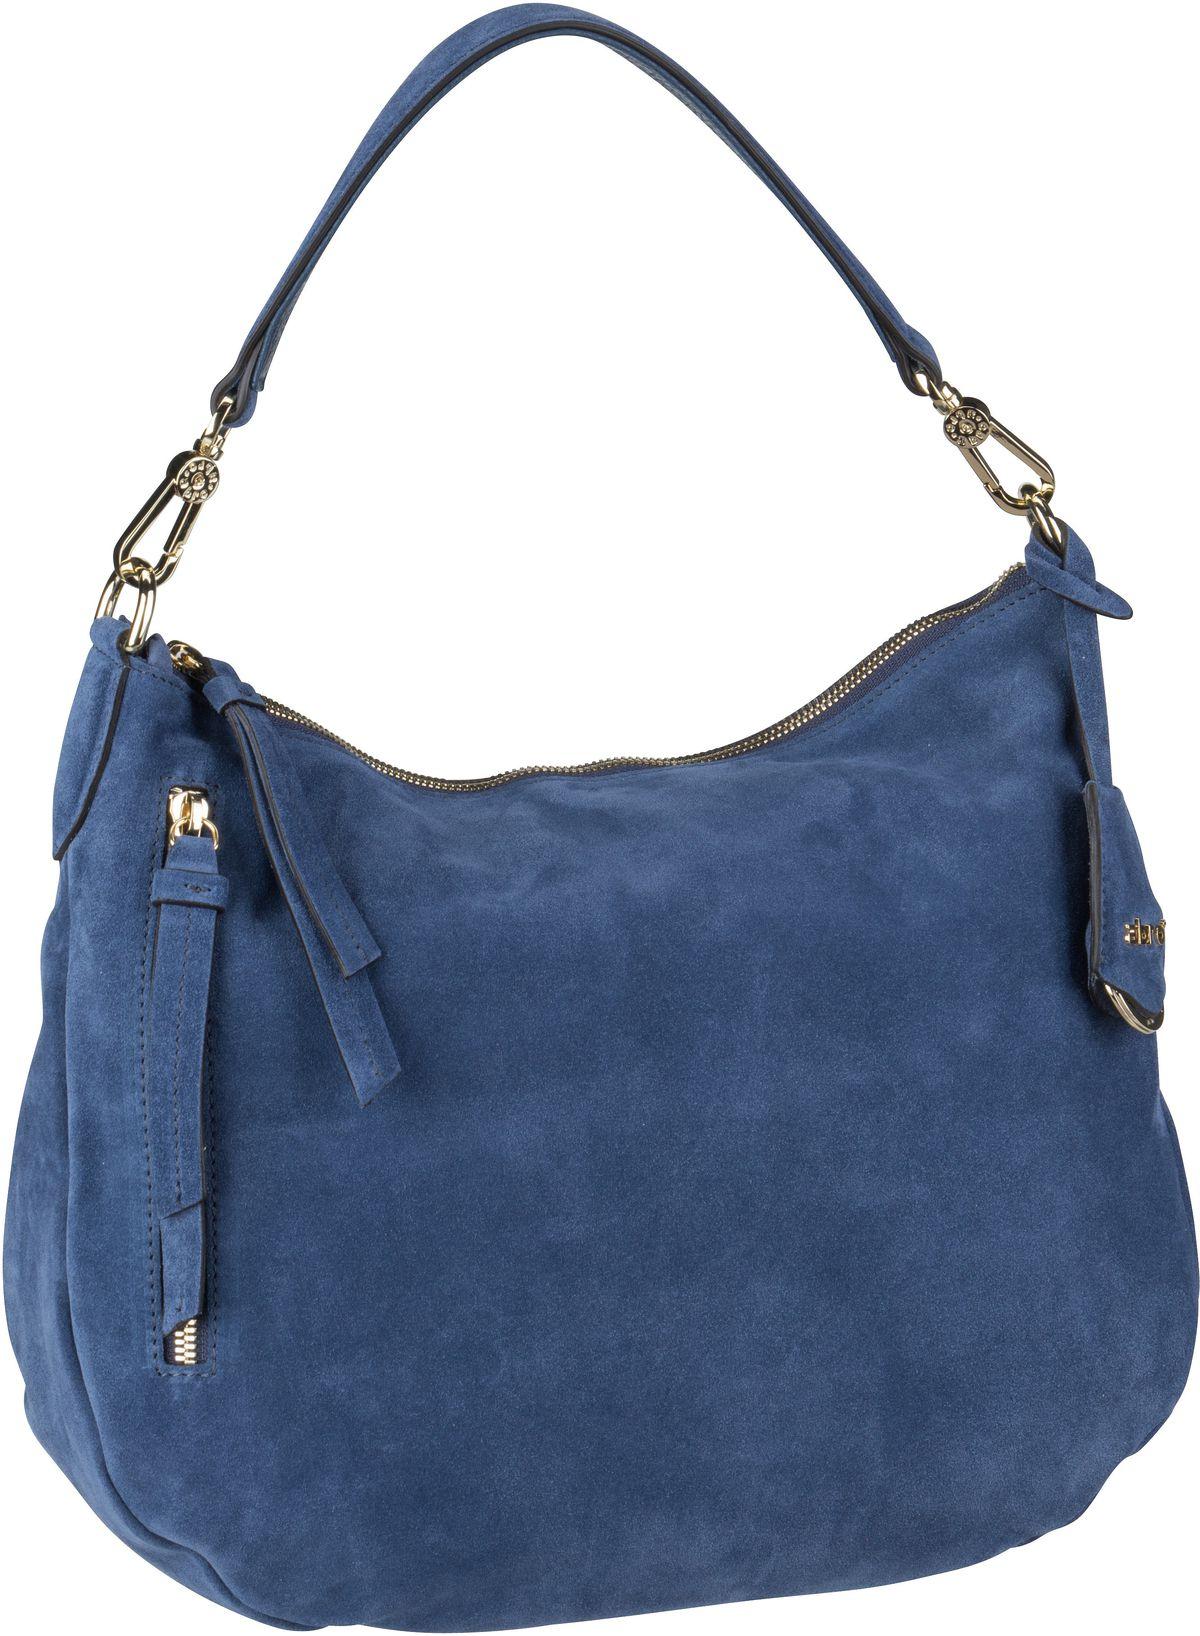 Handtasche Juna 28825 Suede Blueberry